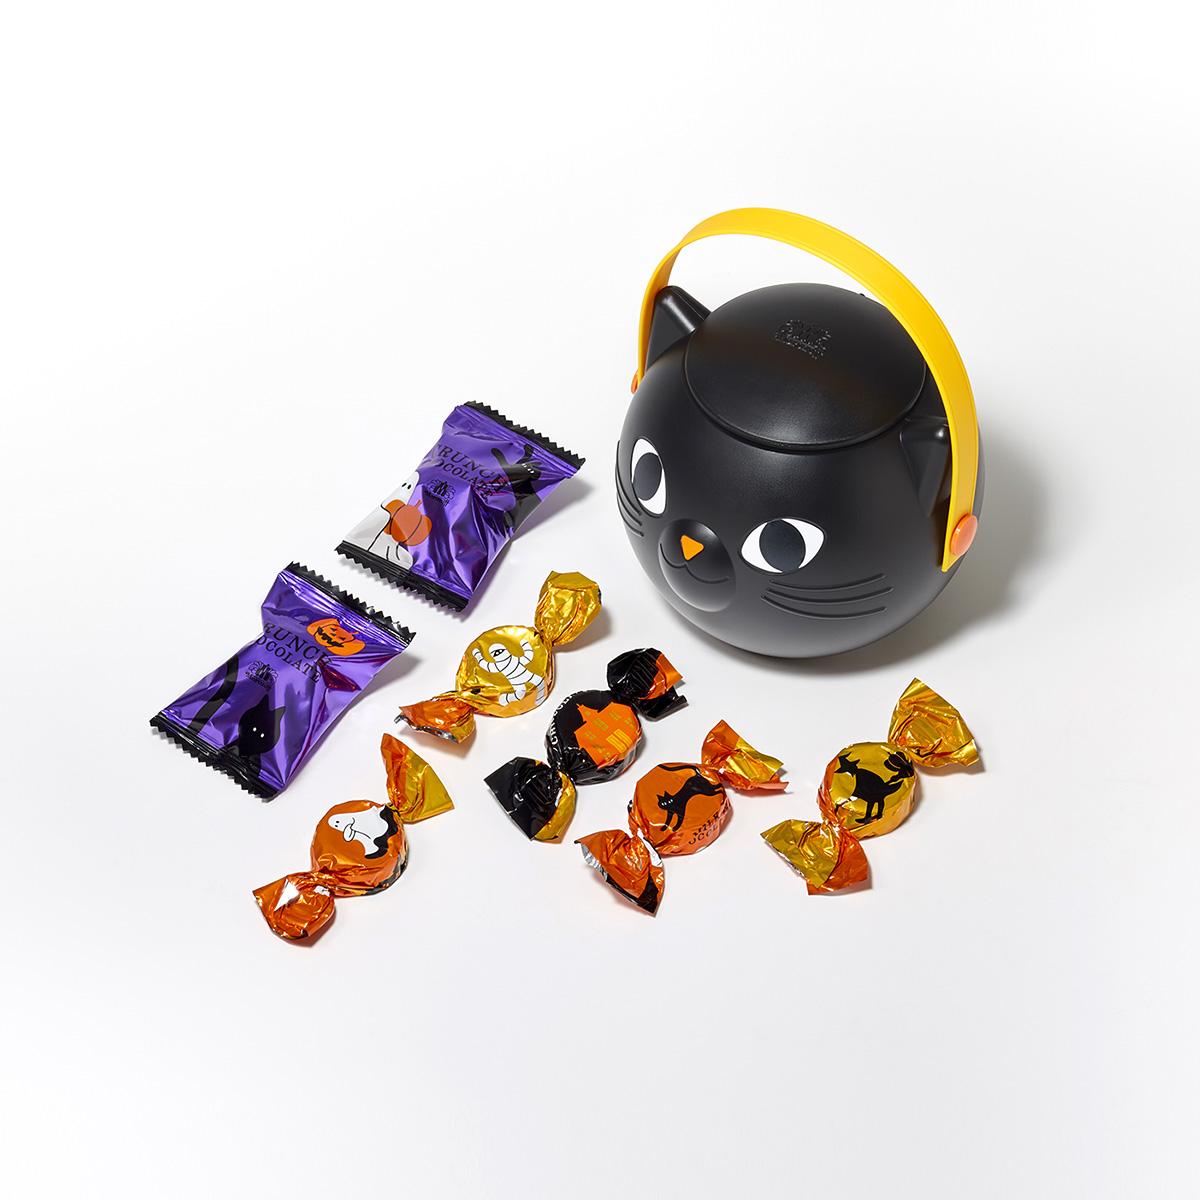 黒猫ランターンにチョコレートとクランチチョコレートを詰合せ モロゾフ 男女兼用 クローニャ ランターン 7個入 定番から日本未入荷